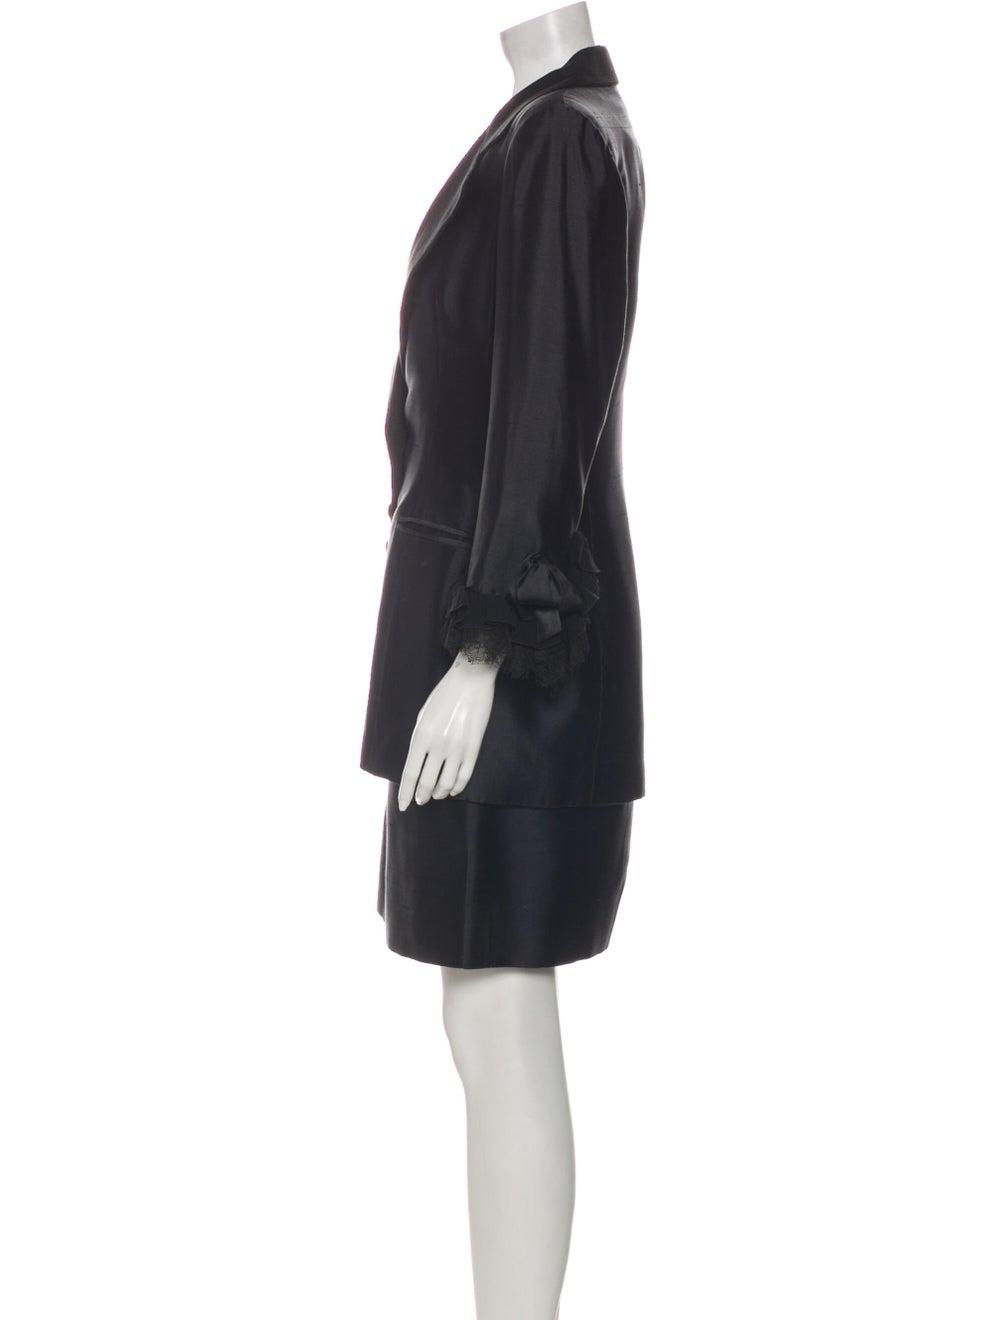 Christian Dior Vintage 1980's Skirt Suit Black - image 2